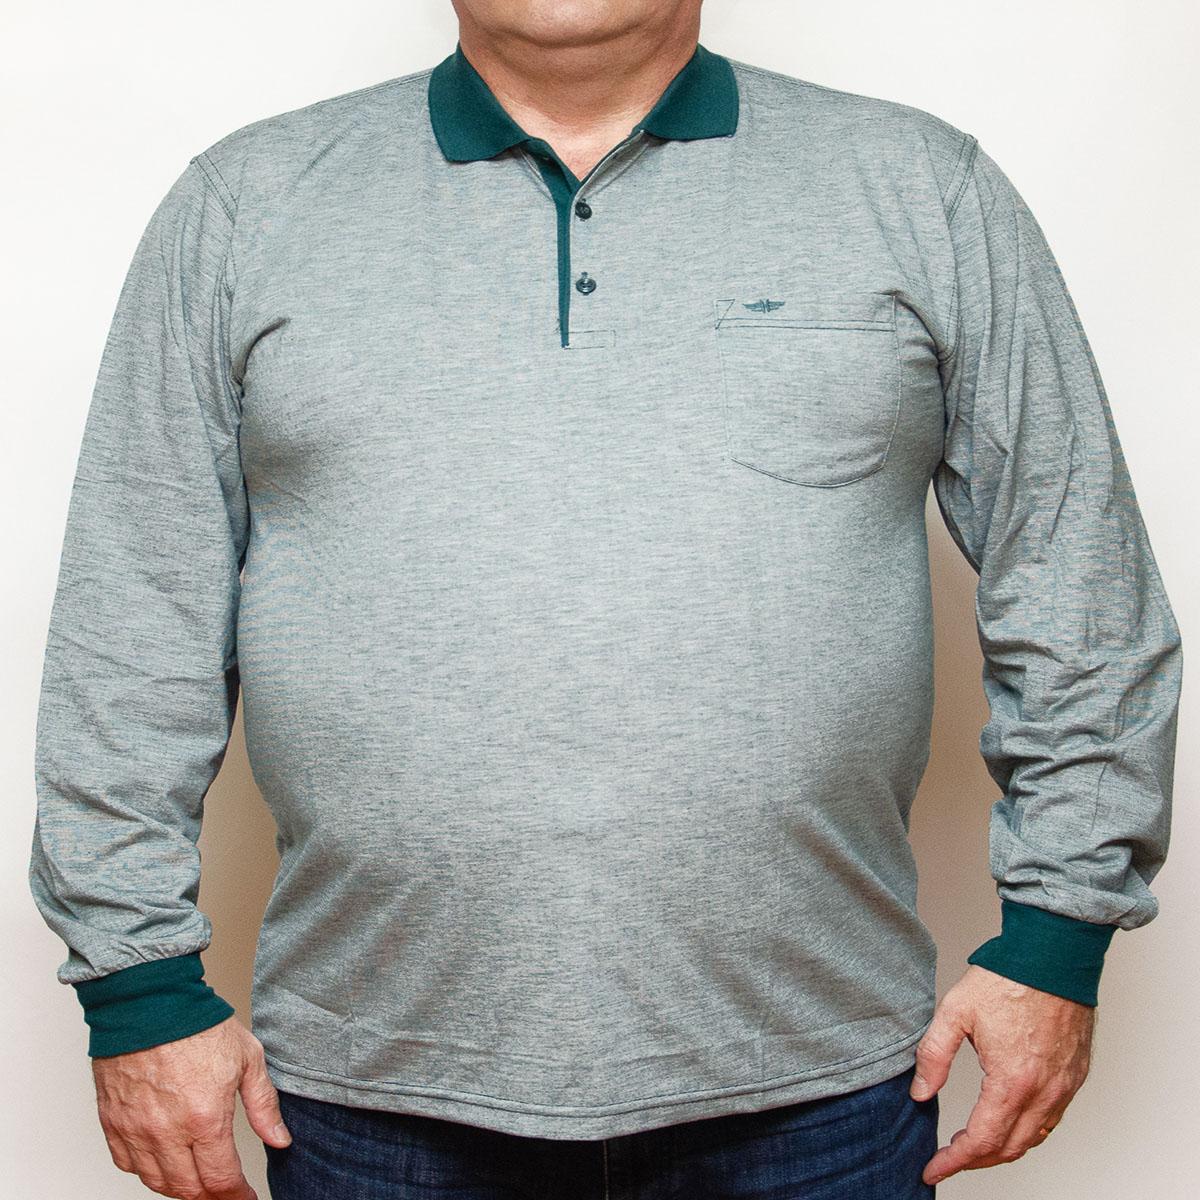 Bluza subtire gri cu insertii verzi si cu guler , Marime 4XL - egato.ro